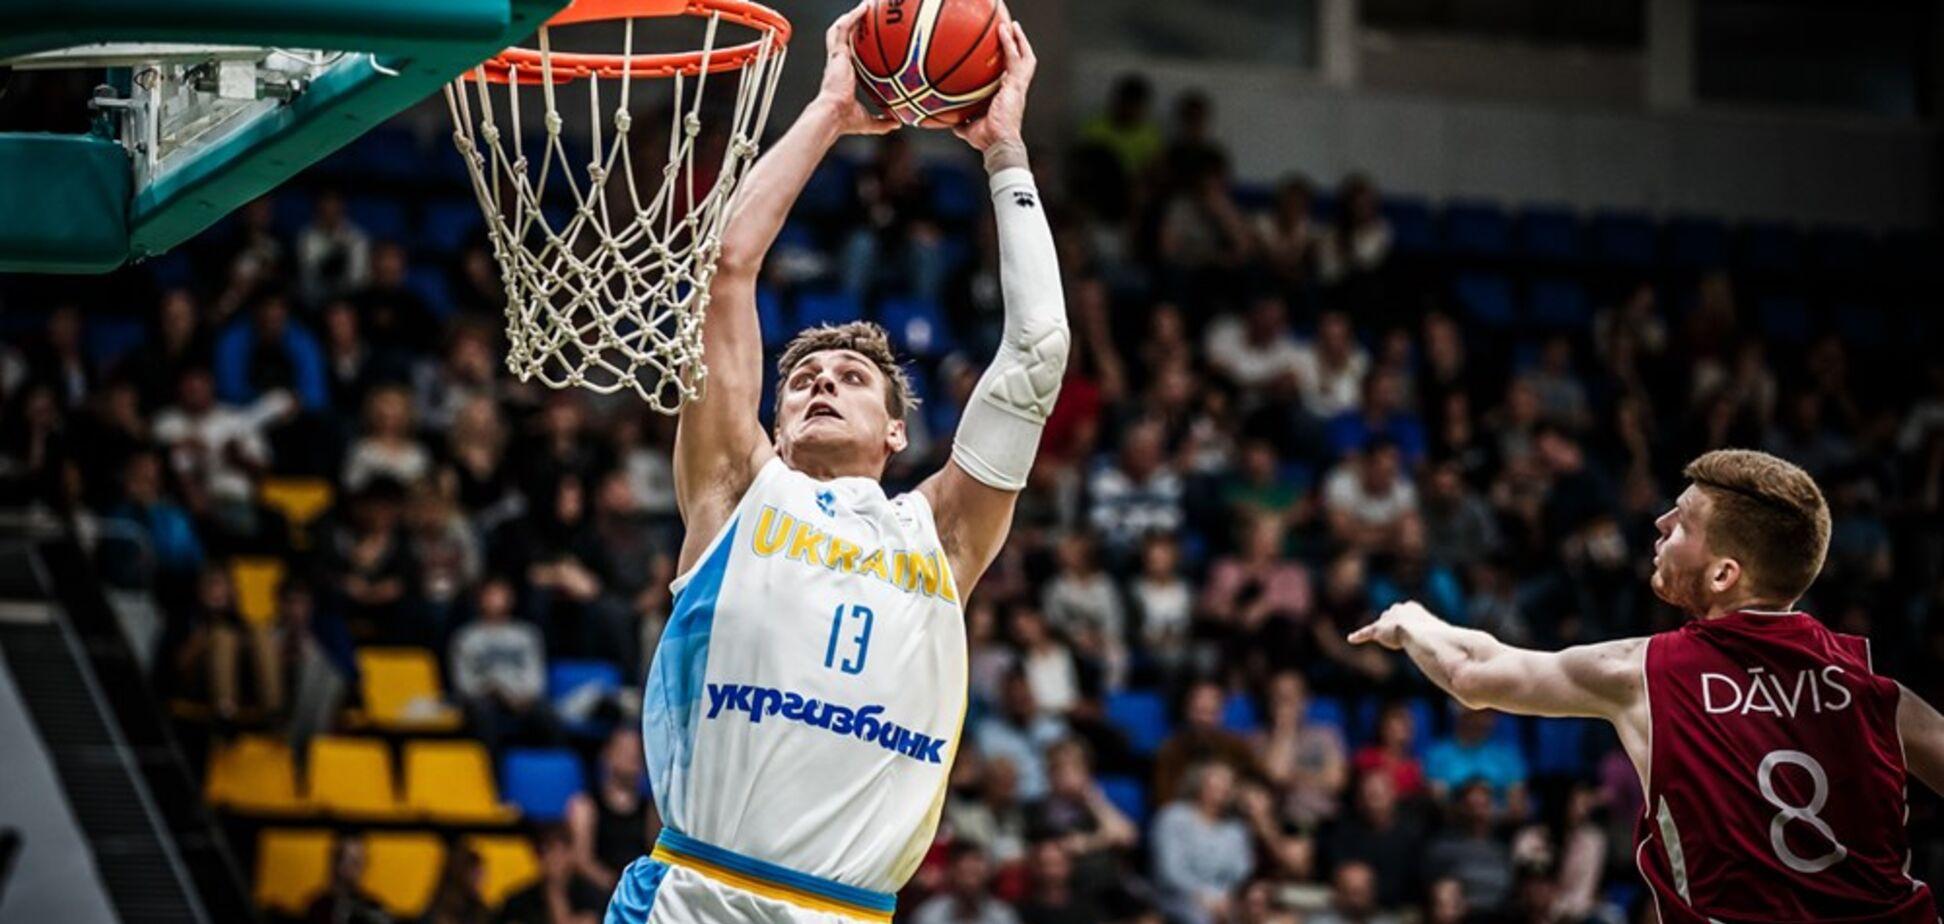 Украина в отборе на КМ-2019 по баскетболу: итоговое положение в группе